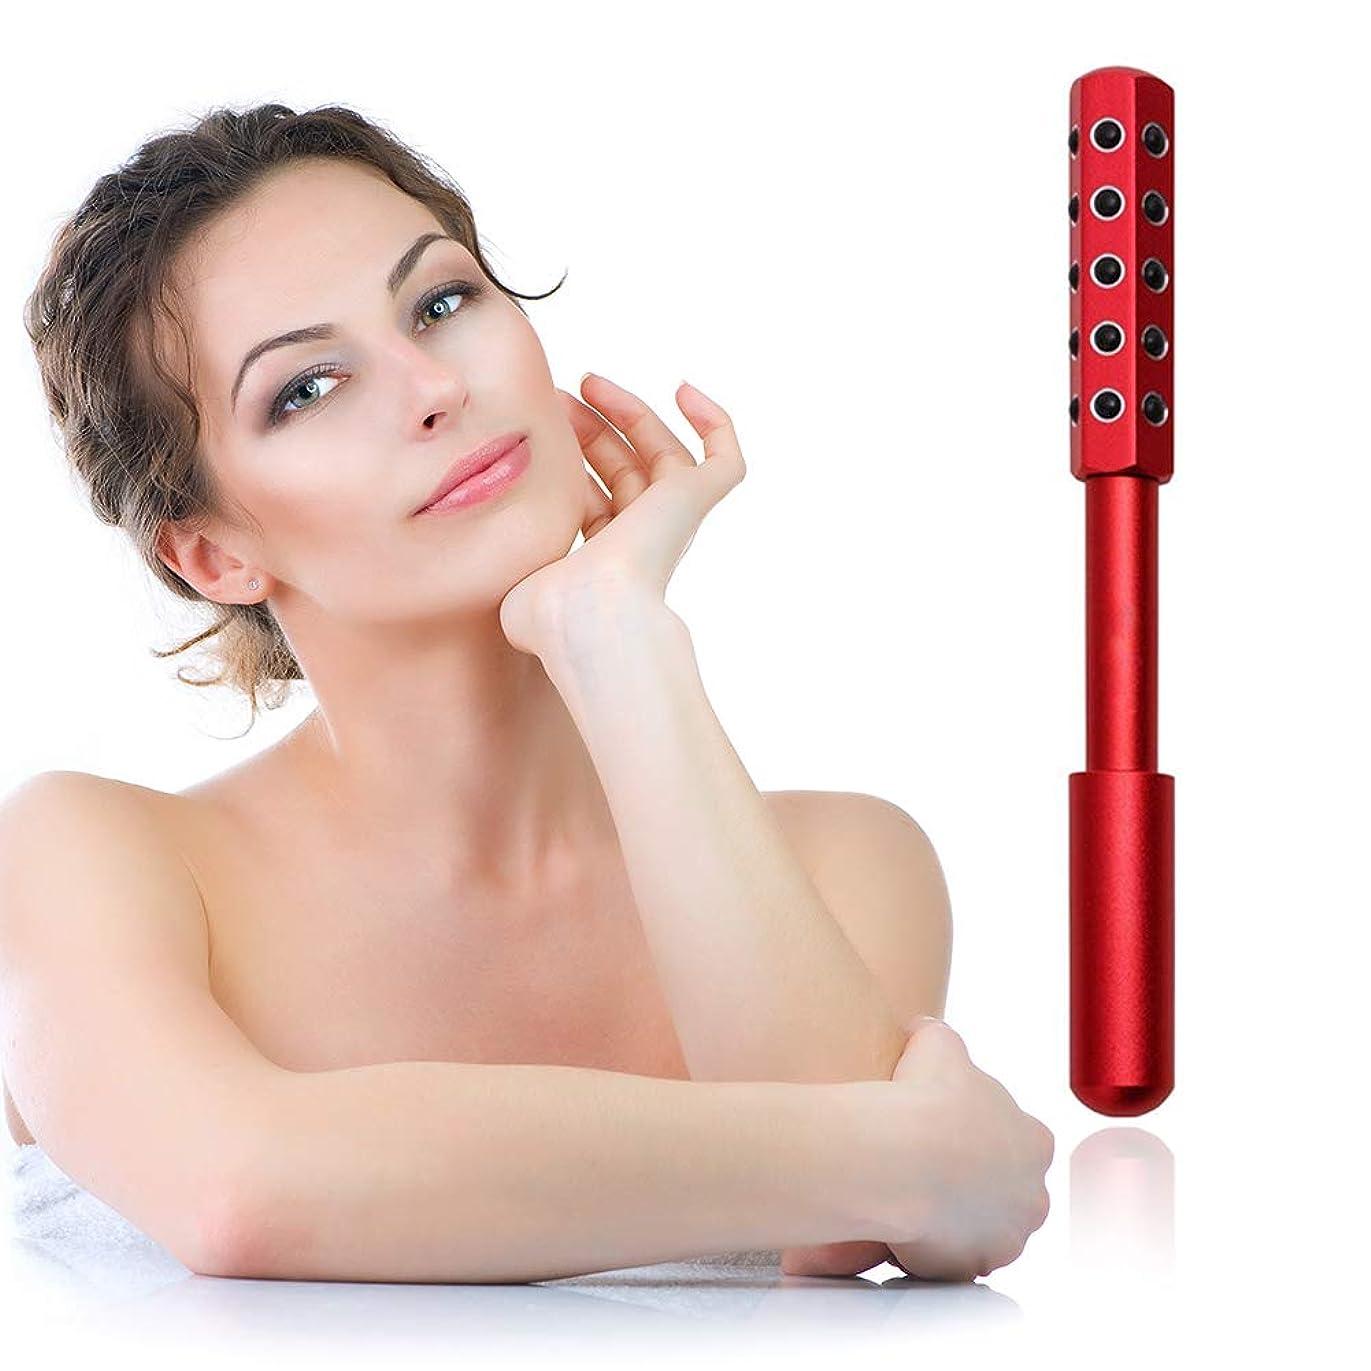 師匠ゴール職業顔と体のためのゲルマニウムマッサージ美容ローラーは、血液の循環を促進し、皮膚の引き締め、毒素、皮膚の抗しわをクリア